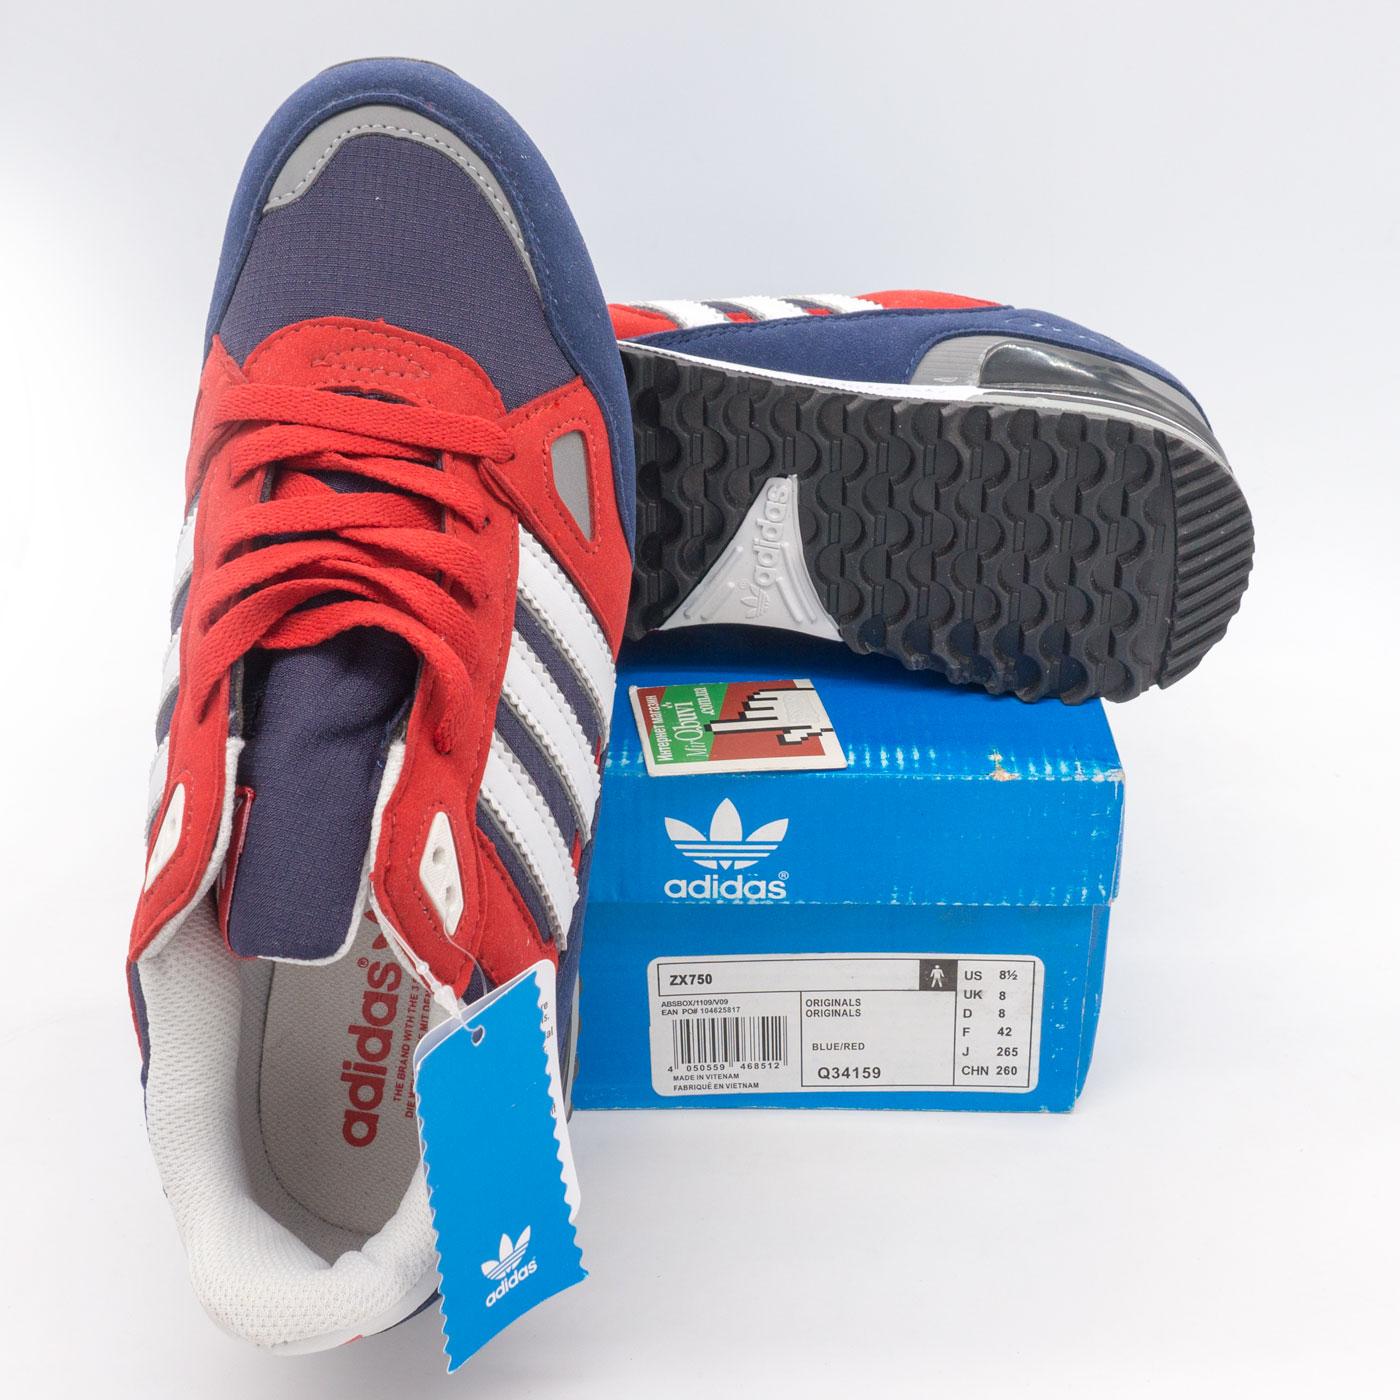 фото bottom Мужские кроссовки Adidas zx750 синие с красным - Топ качество! bottom